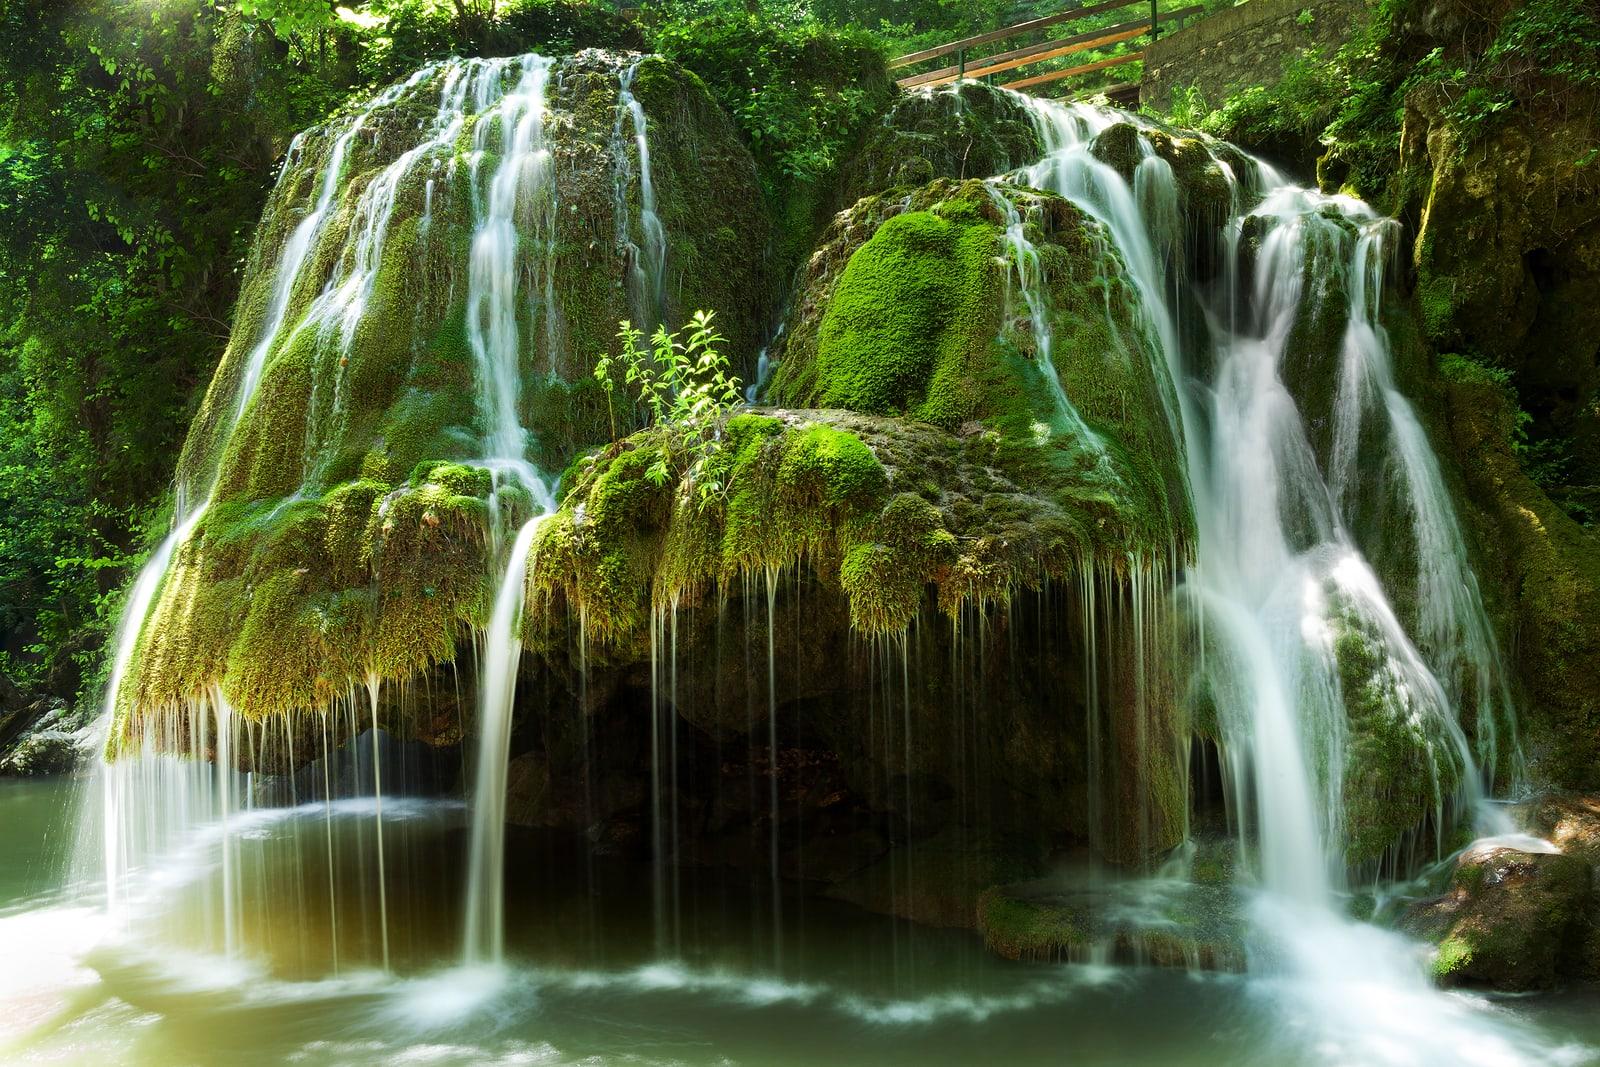 מפלי ביגאר: המפלים הכי יפים בעולם